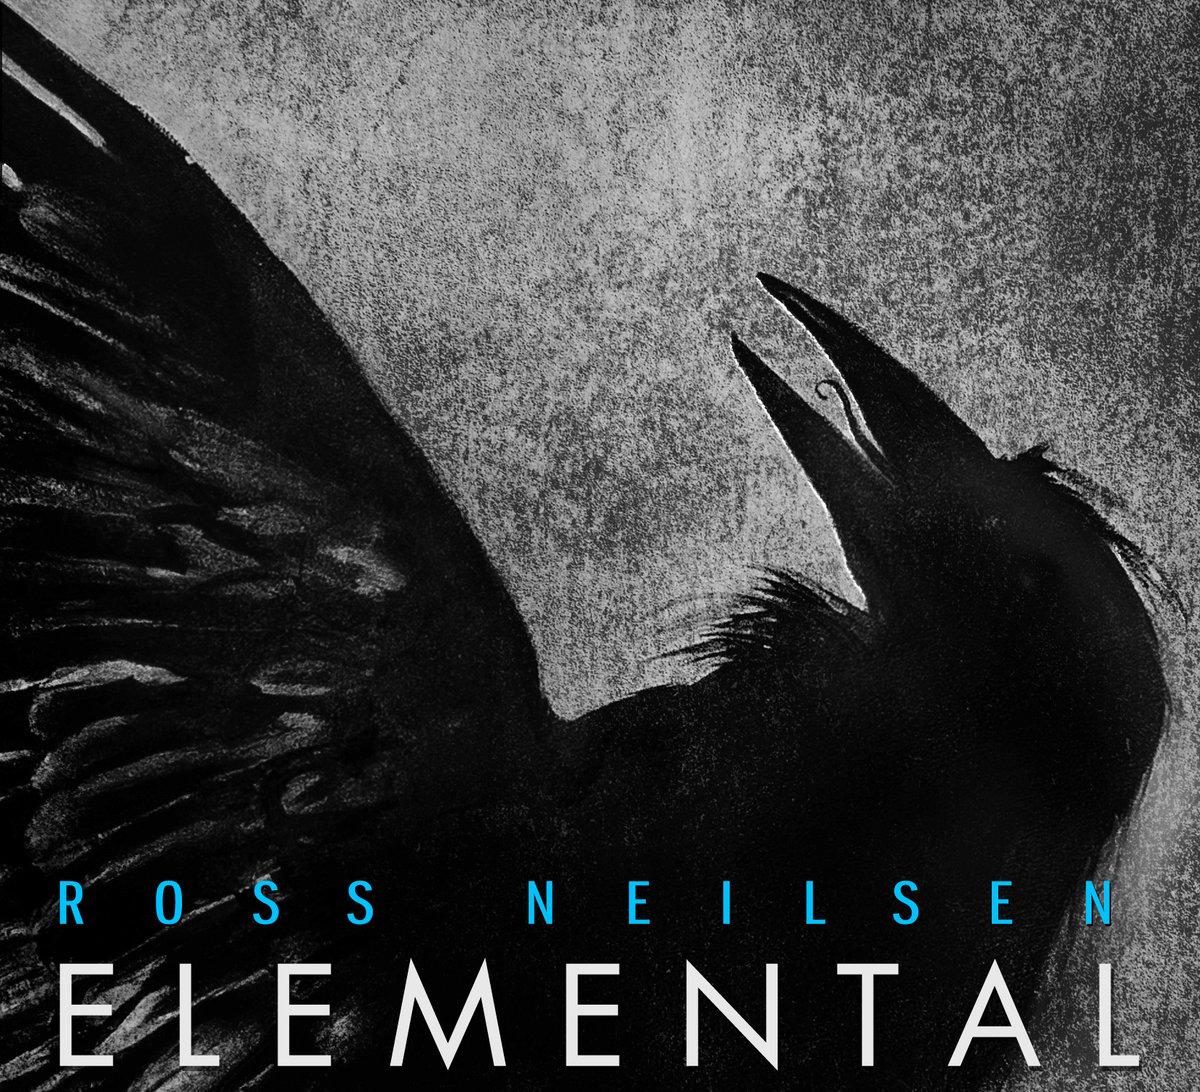 Ross Neilsen Elemental album cover